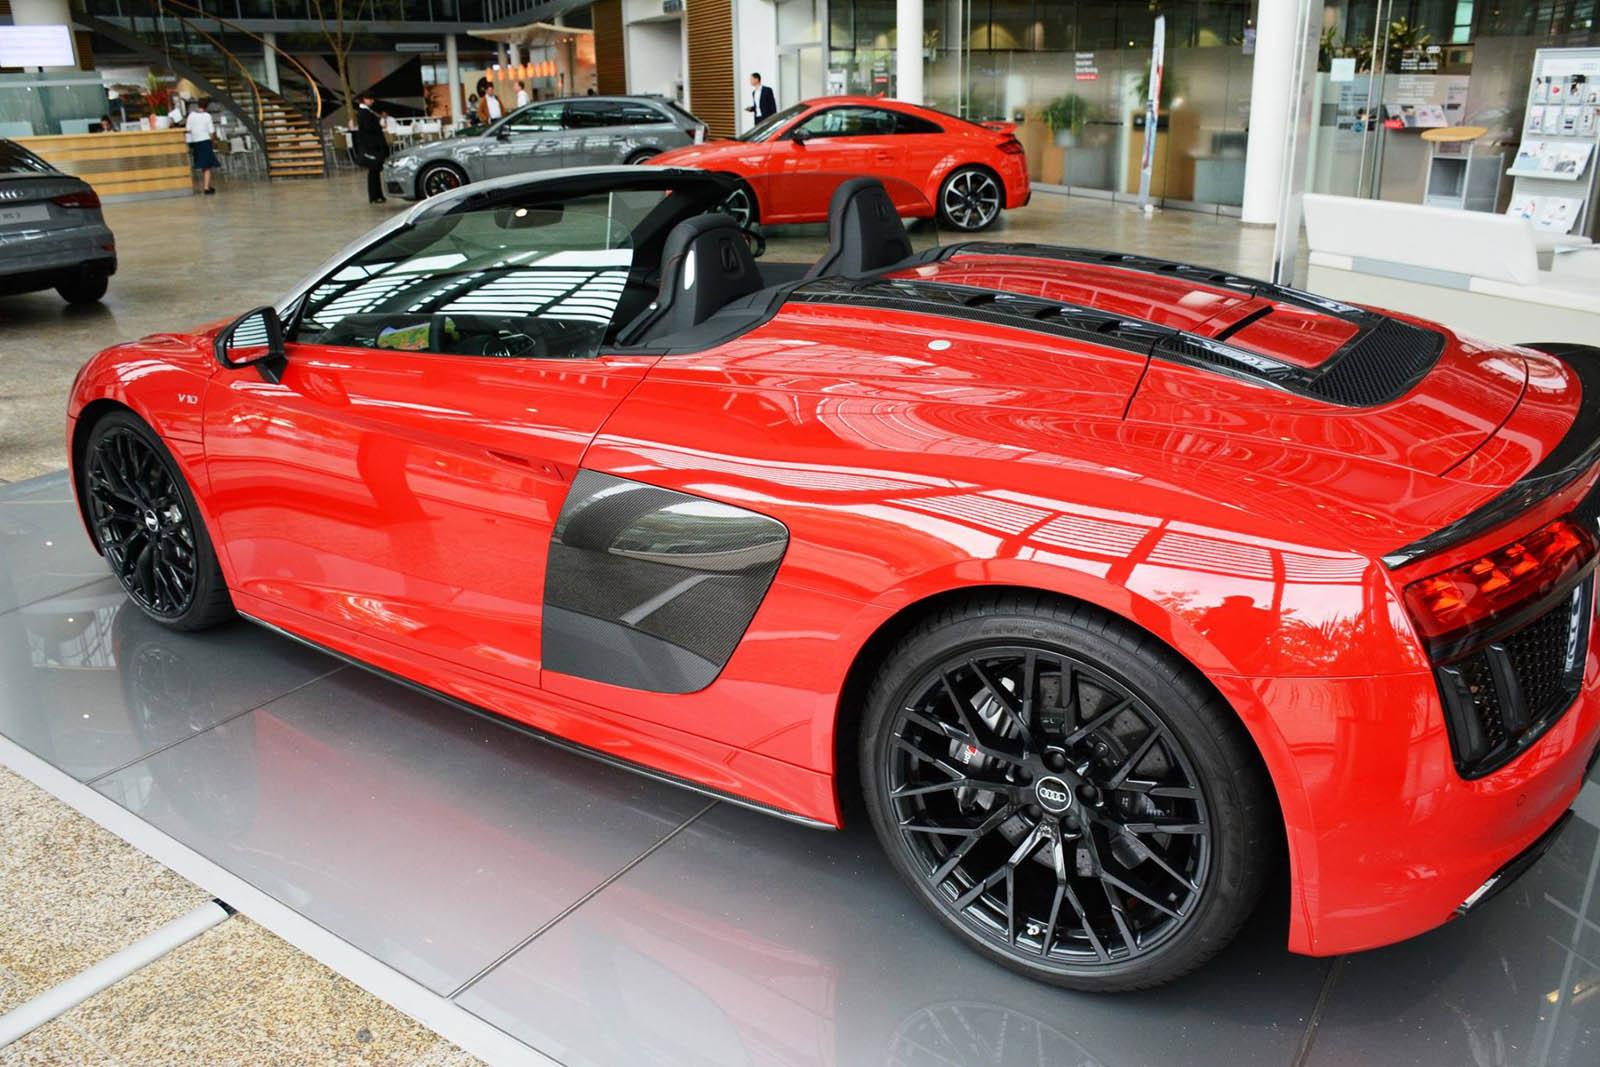 Audi audi r8 spyder v10 : Audi R8 Spyder V10 Plus Shows Its Metal At Ingolstadt Forum ...